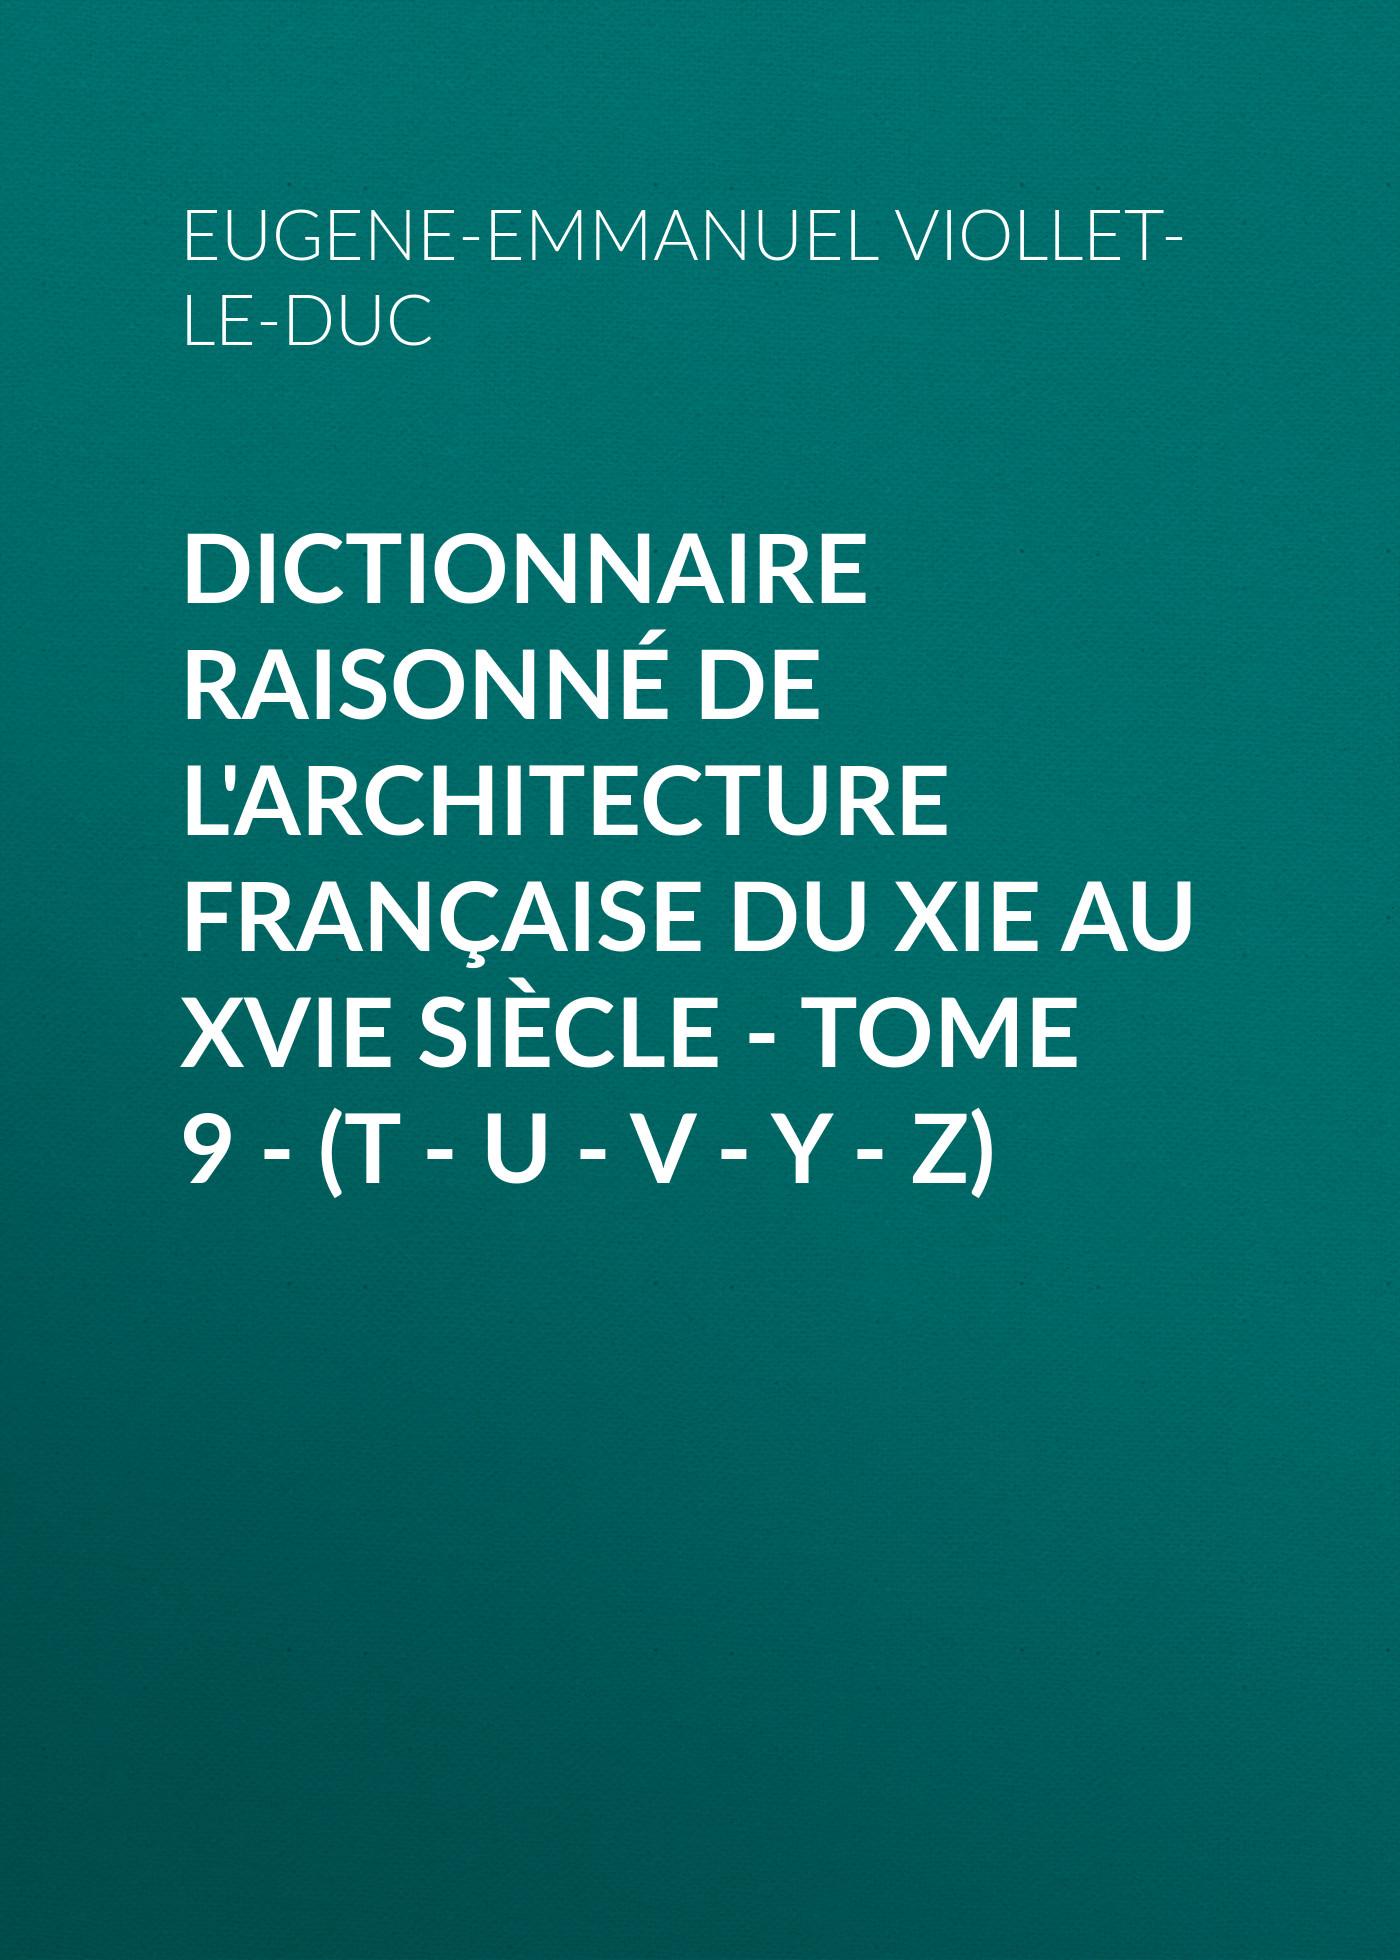 Eugene-Emmanuel Viollet-le-Duc Dictionnaire raisonné de l'architecture française du XIe au XVIe siècle - Tome 9 - (T - U - V - Y - Z)